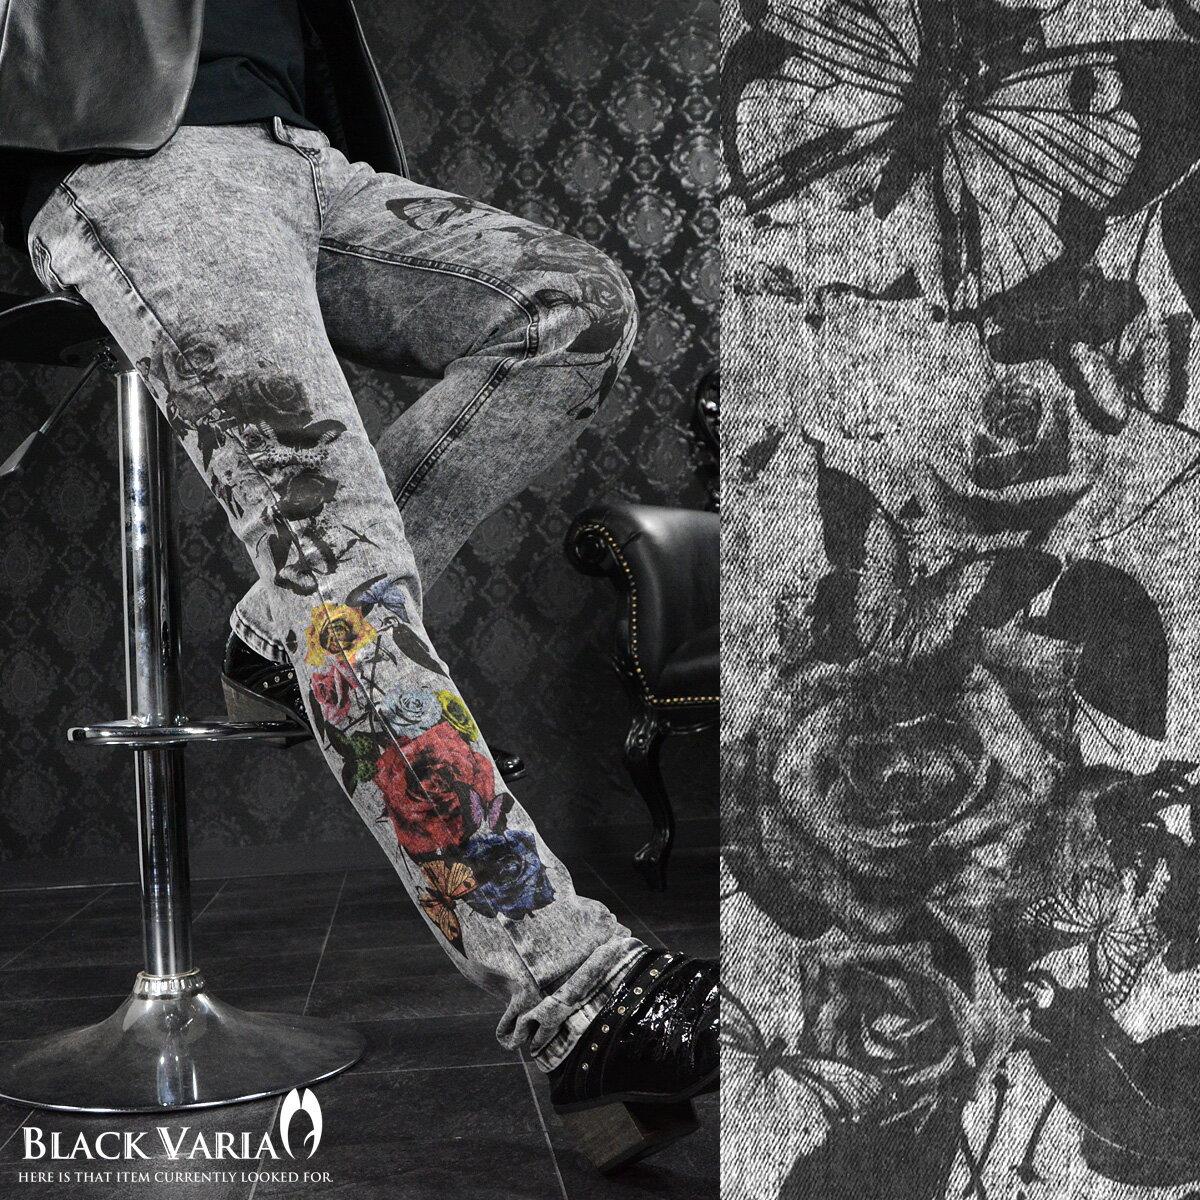 スキニーデニム 薔薇柄 花 ケミカルウォッシュ メンズ ジーパン ストレッチ ボトムス パンツ mens(グレーブラック) zkt006